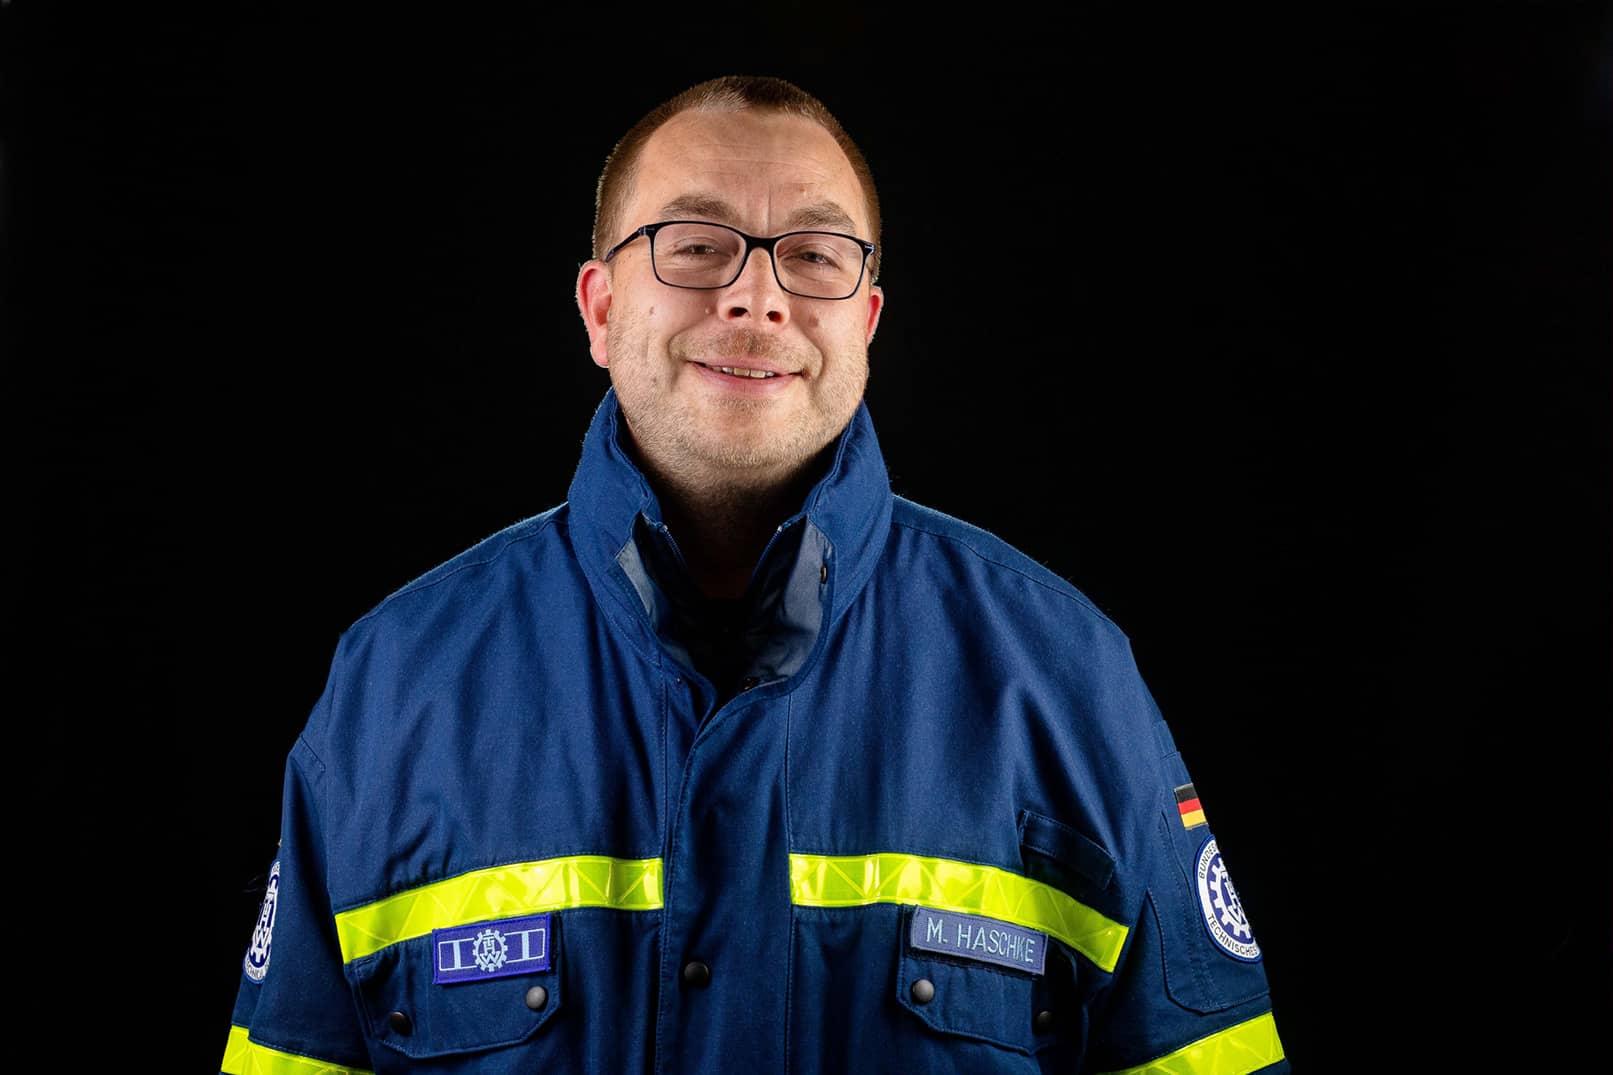 Matthias Haschke